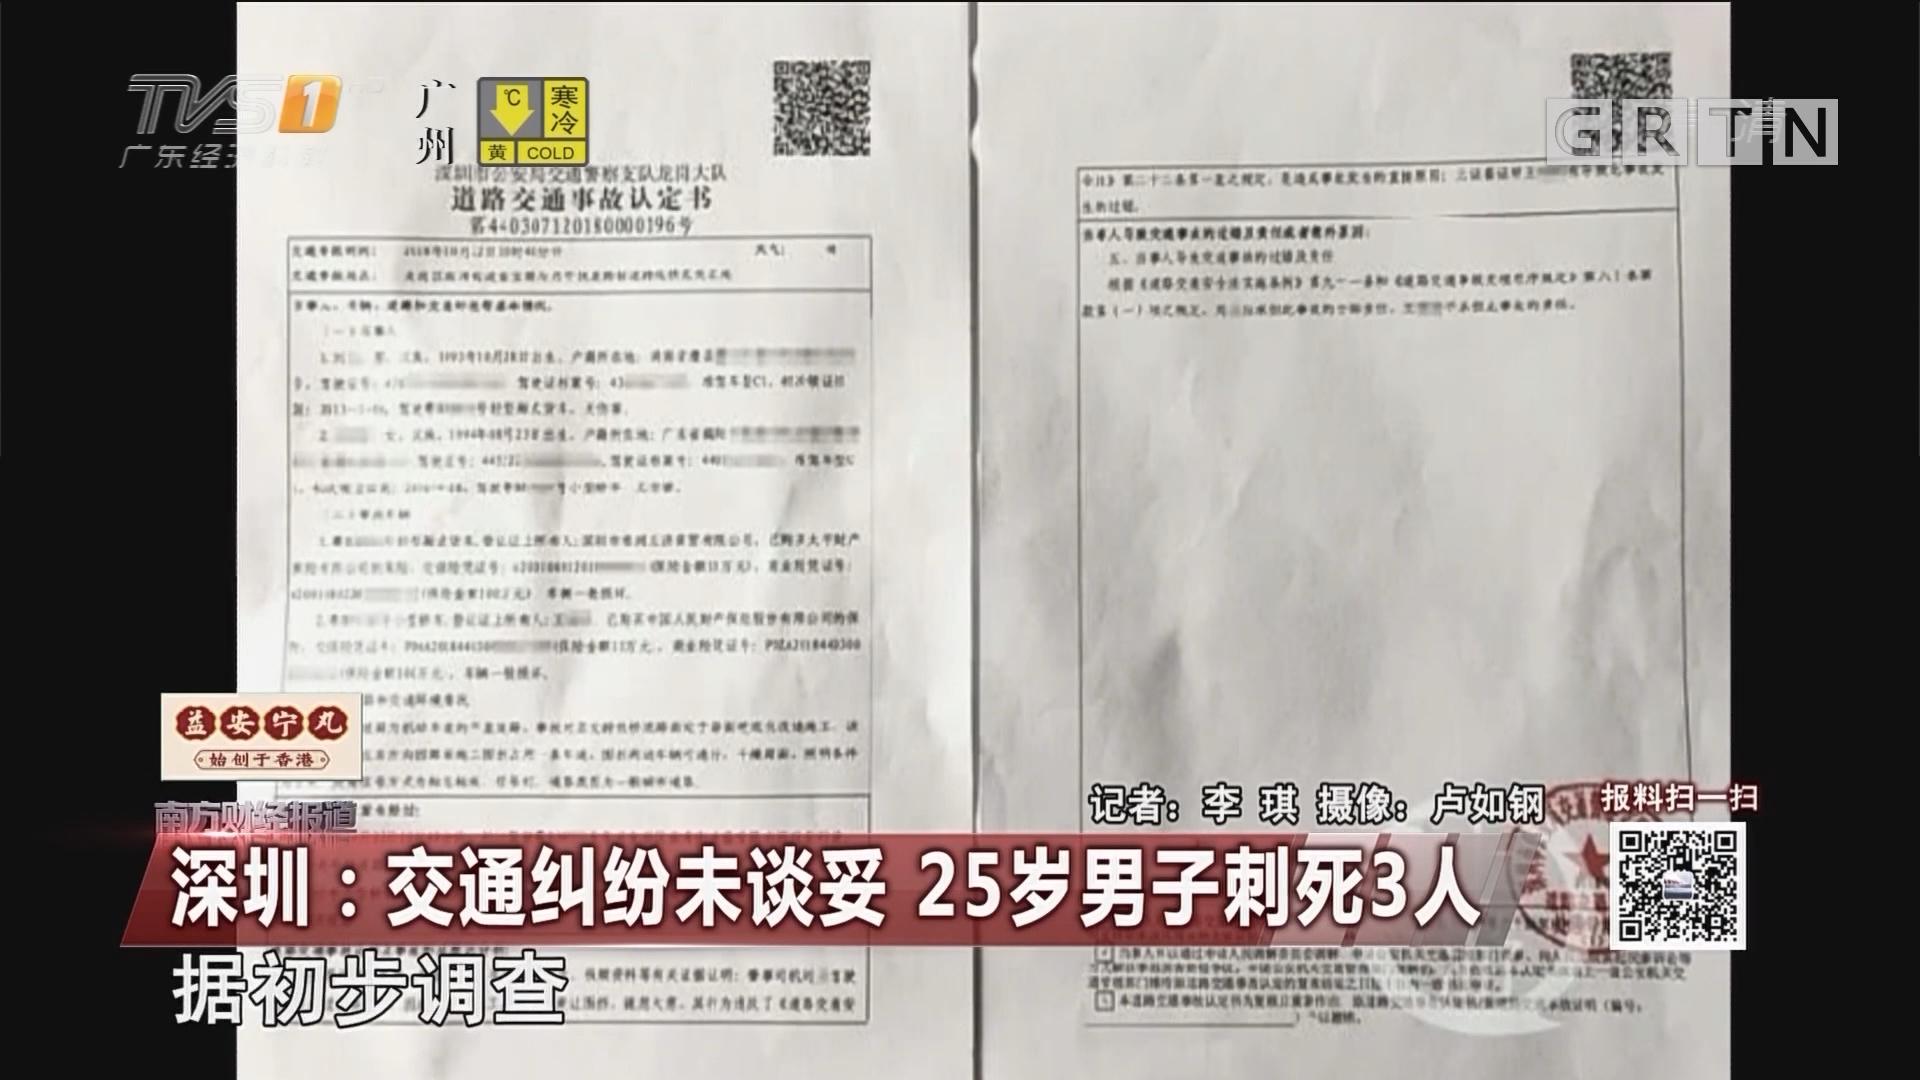 深圳:交通纠纷未谈妥 25岁男子刺死3人(二)